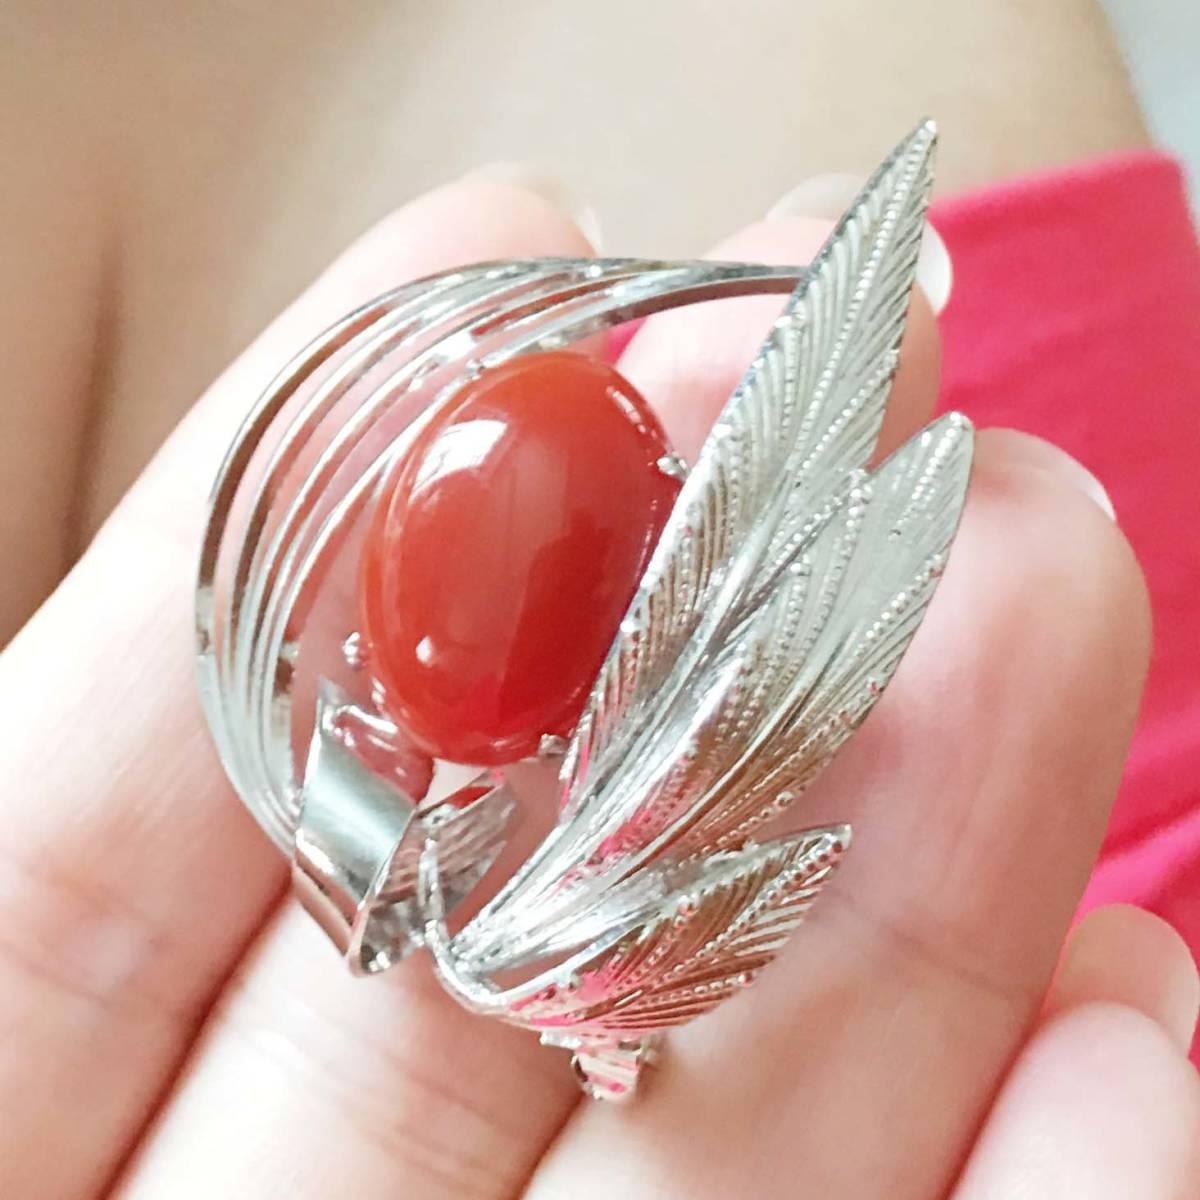 美品 天然赤瑪瑙 銀色 ブローチ NO.4658